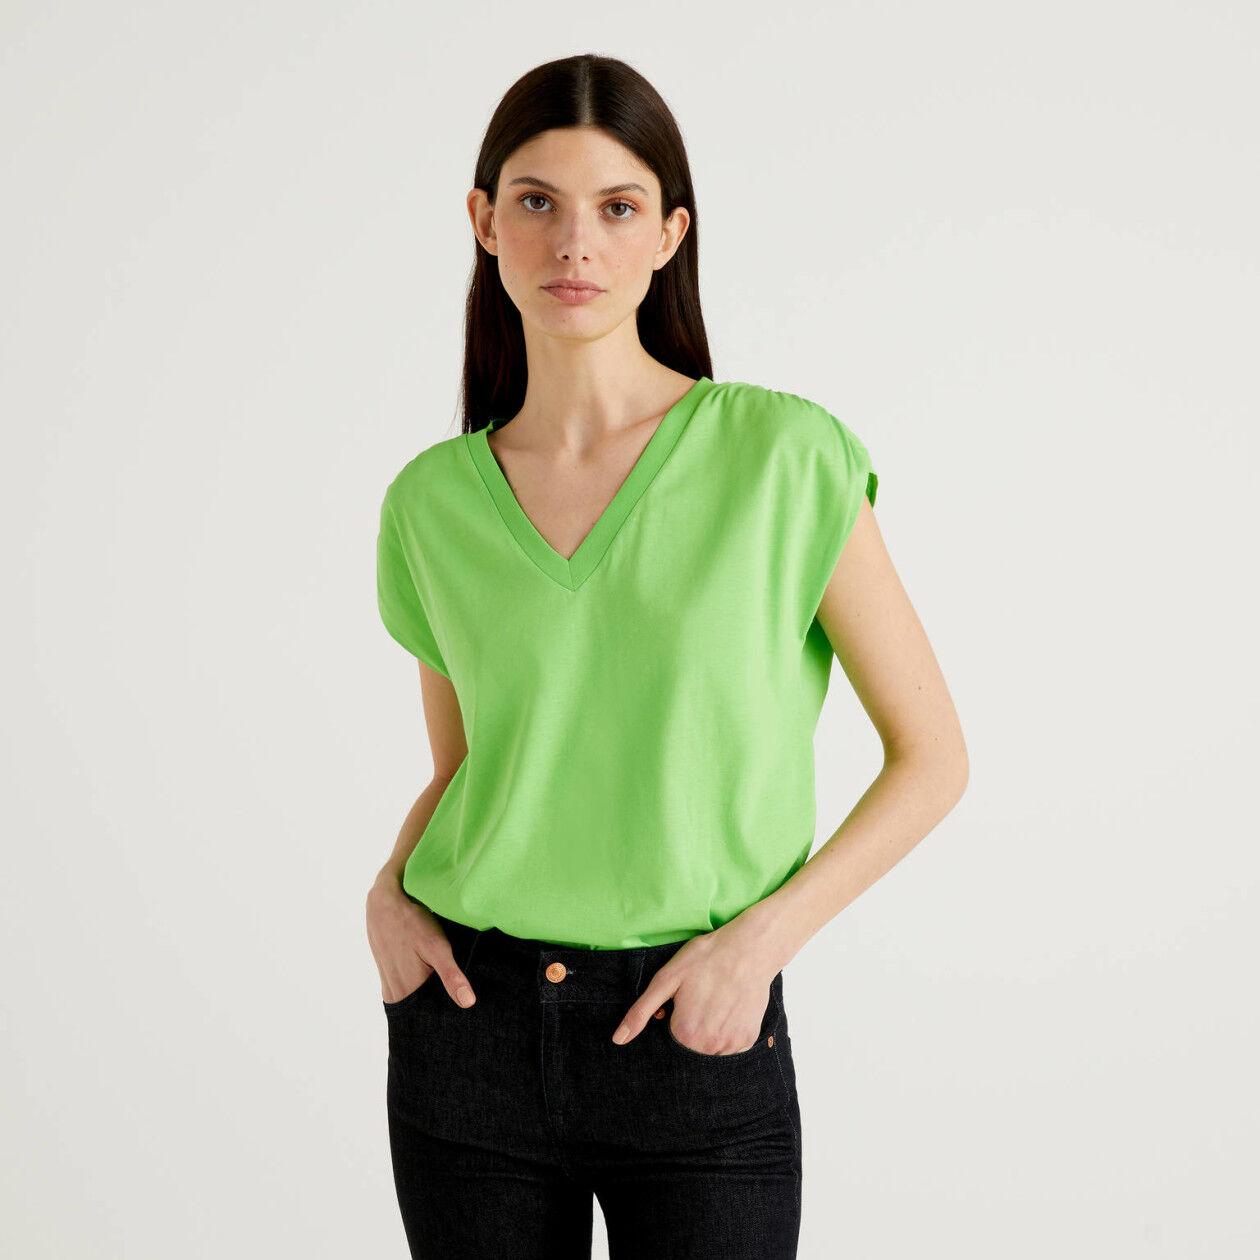 T-shirt de manga curta em 100% algodão